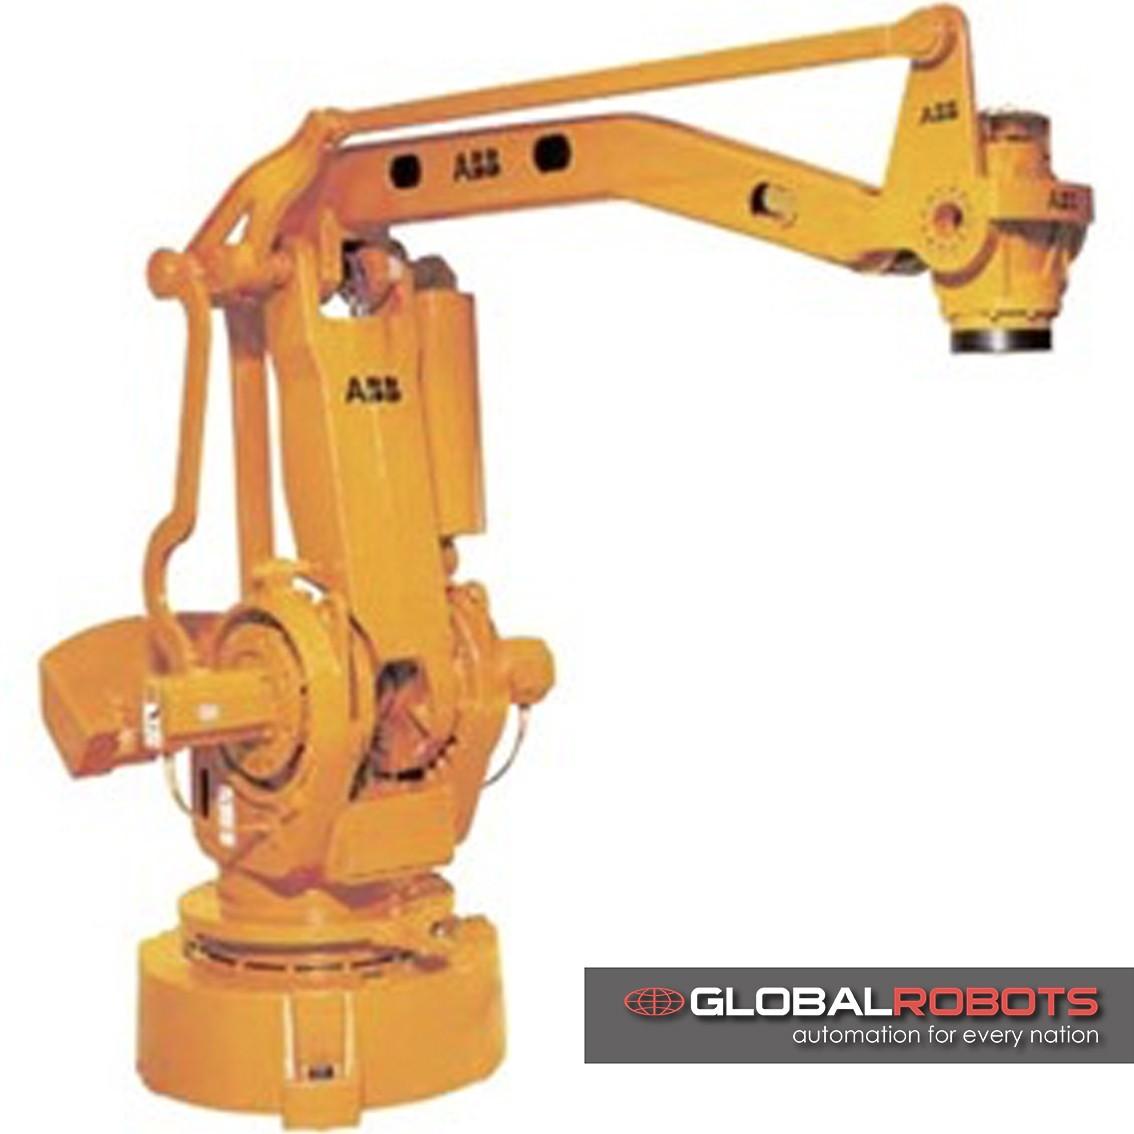 ABB IRB 640